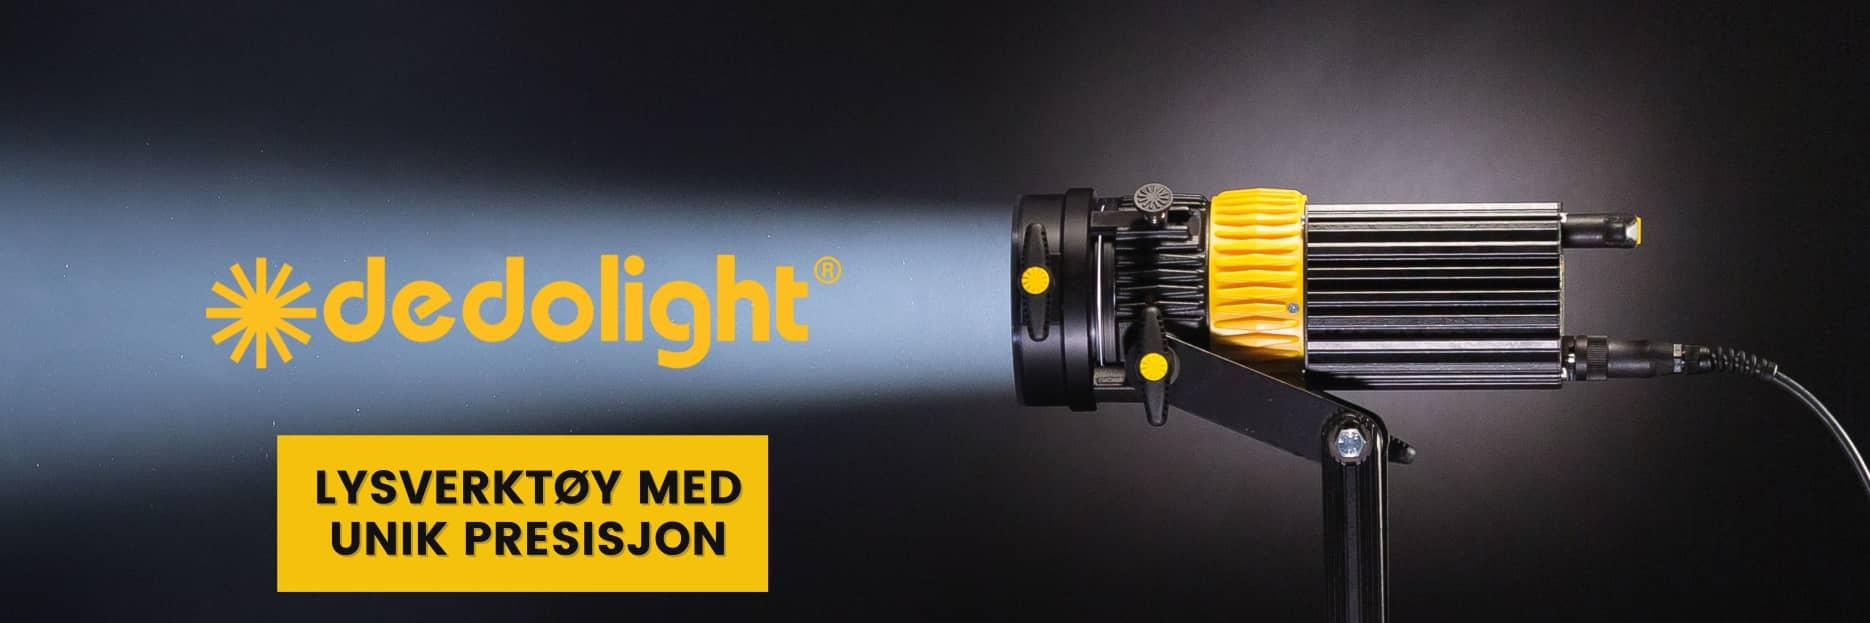 dedolight lyssetting unik presisjon